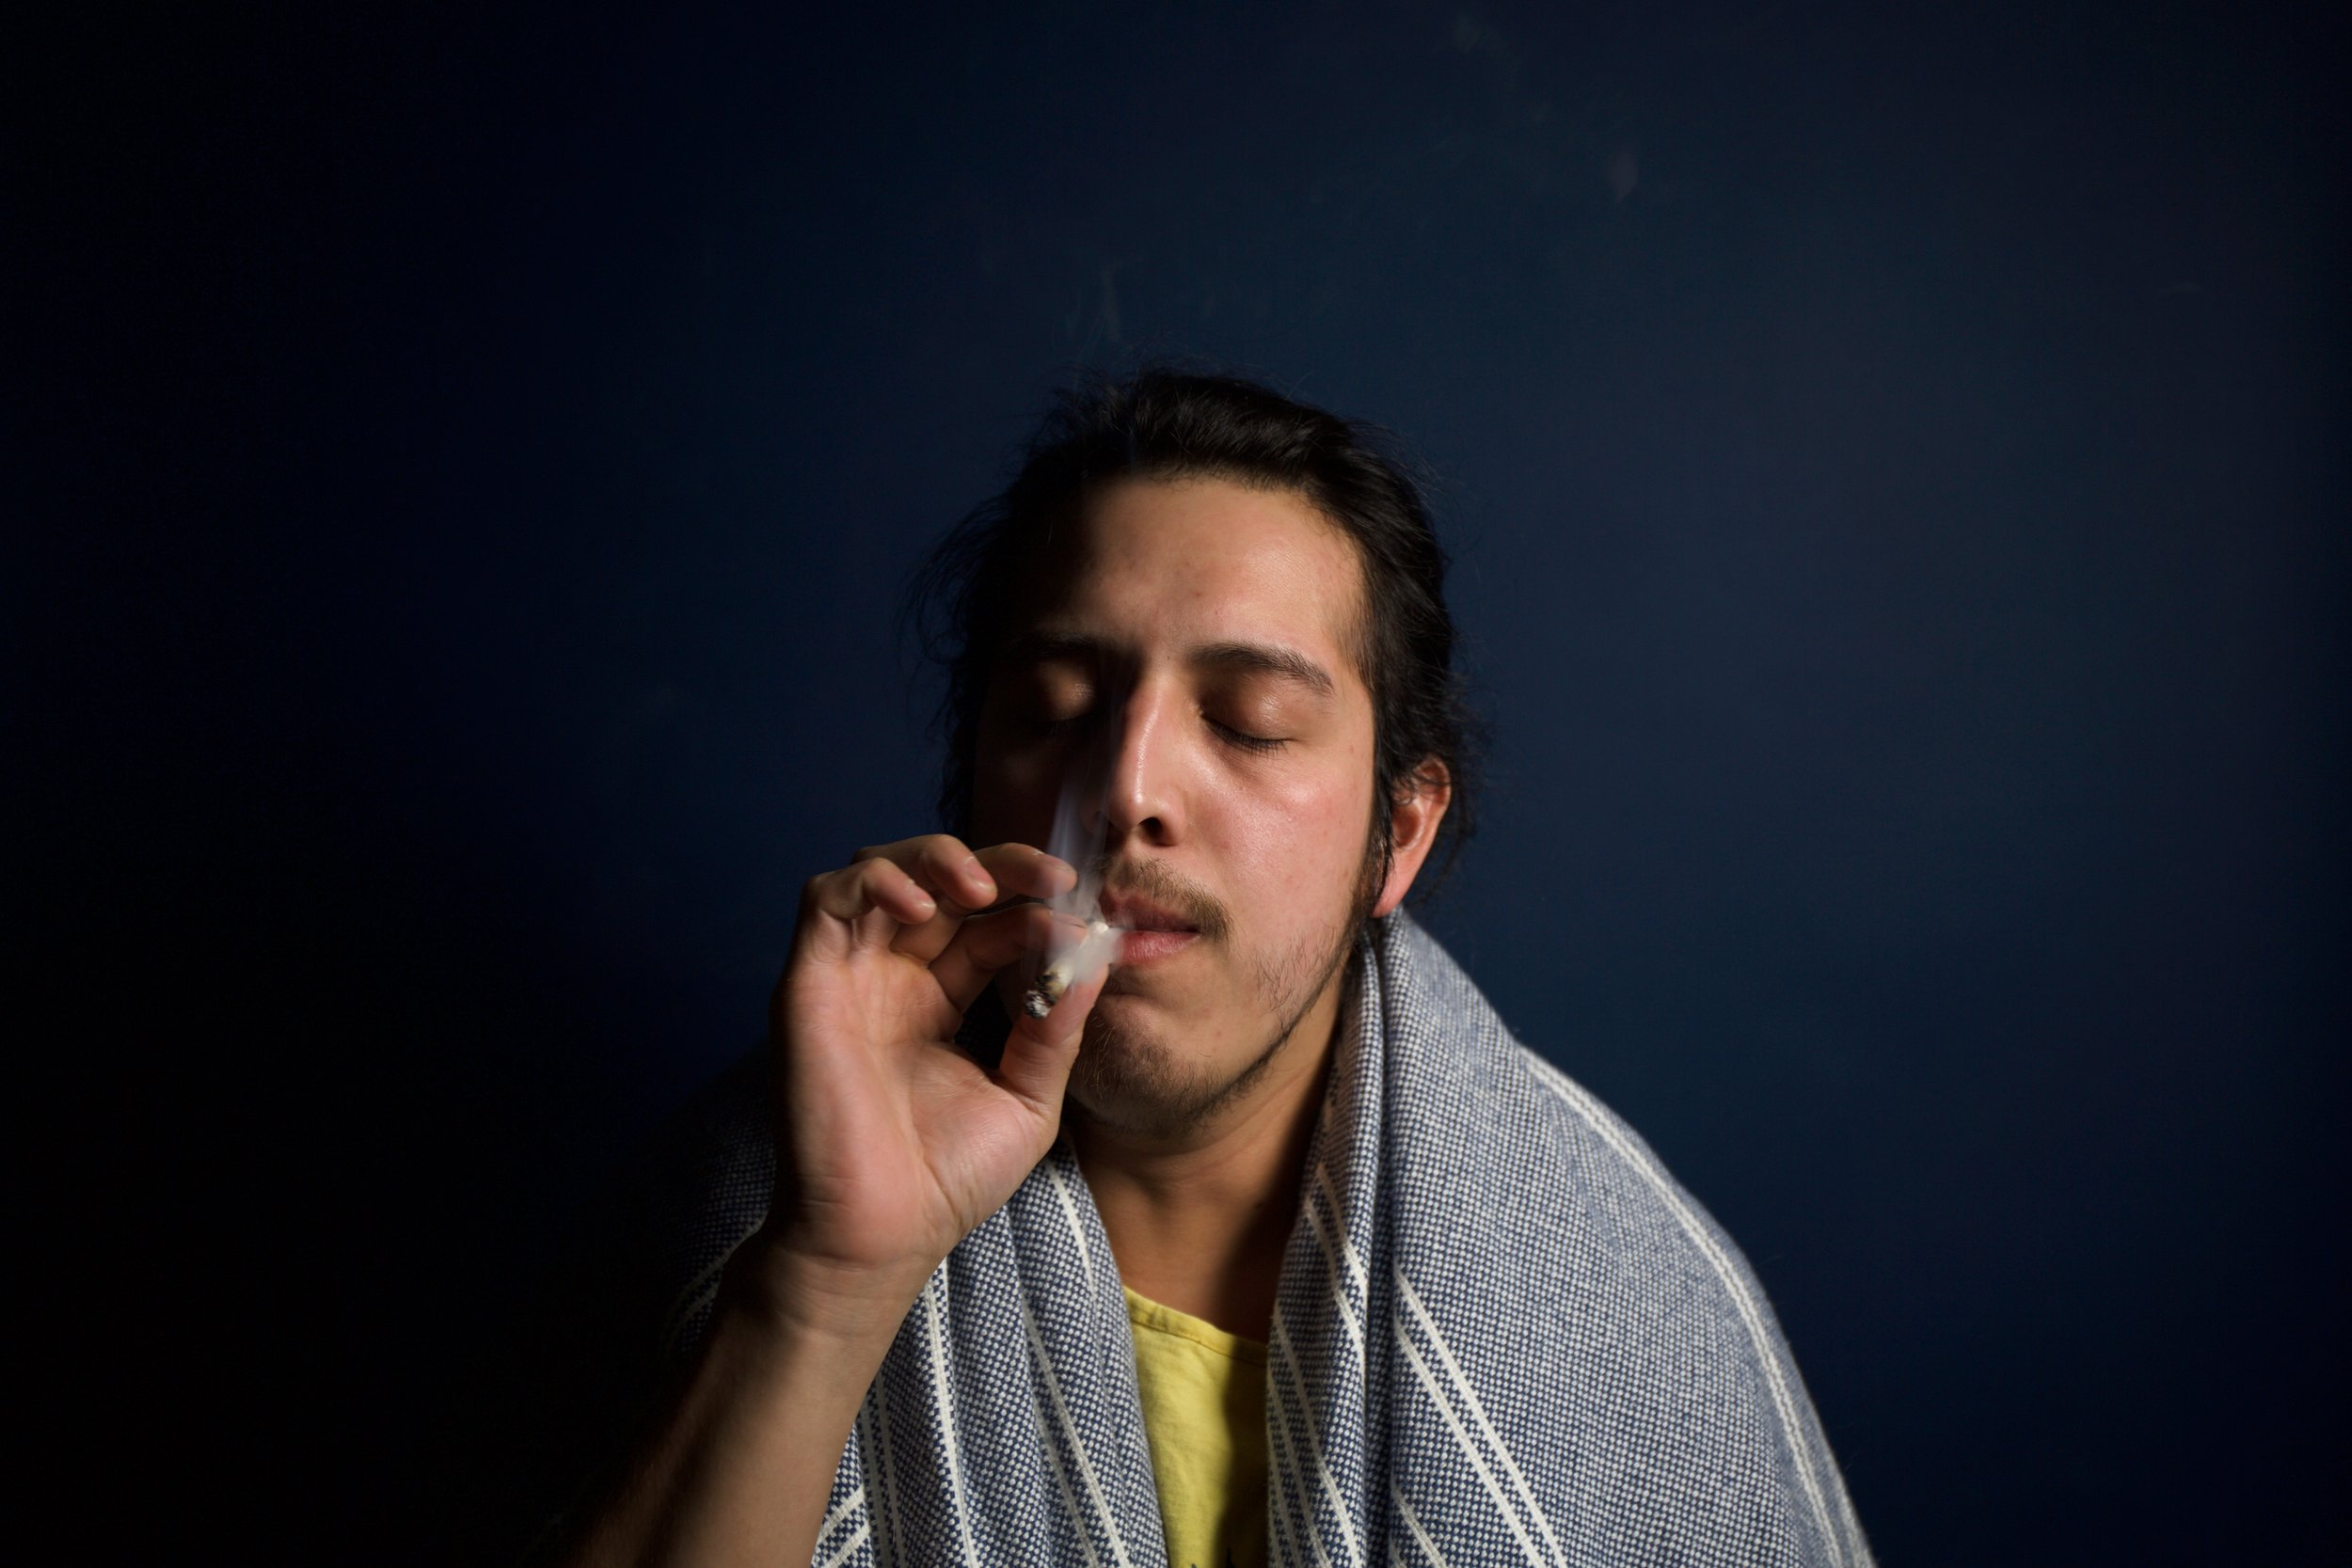 cannabis-cigarette-facial-expression-395087.jpg